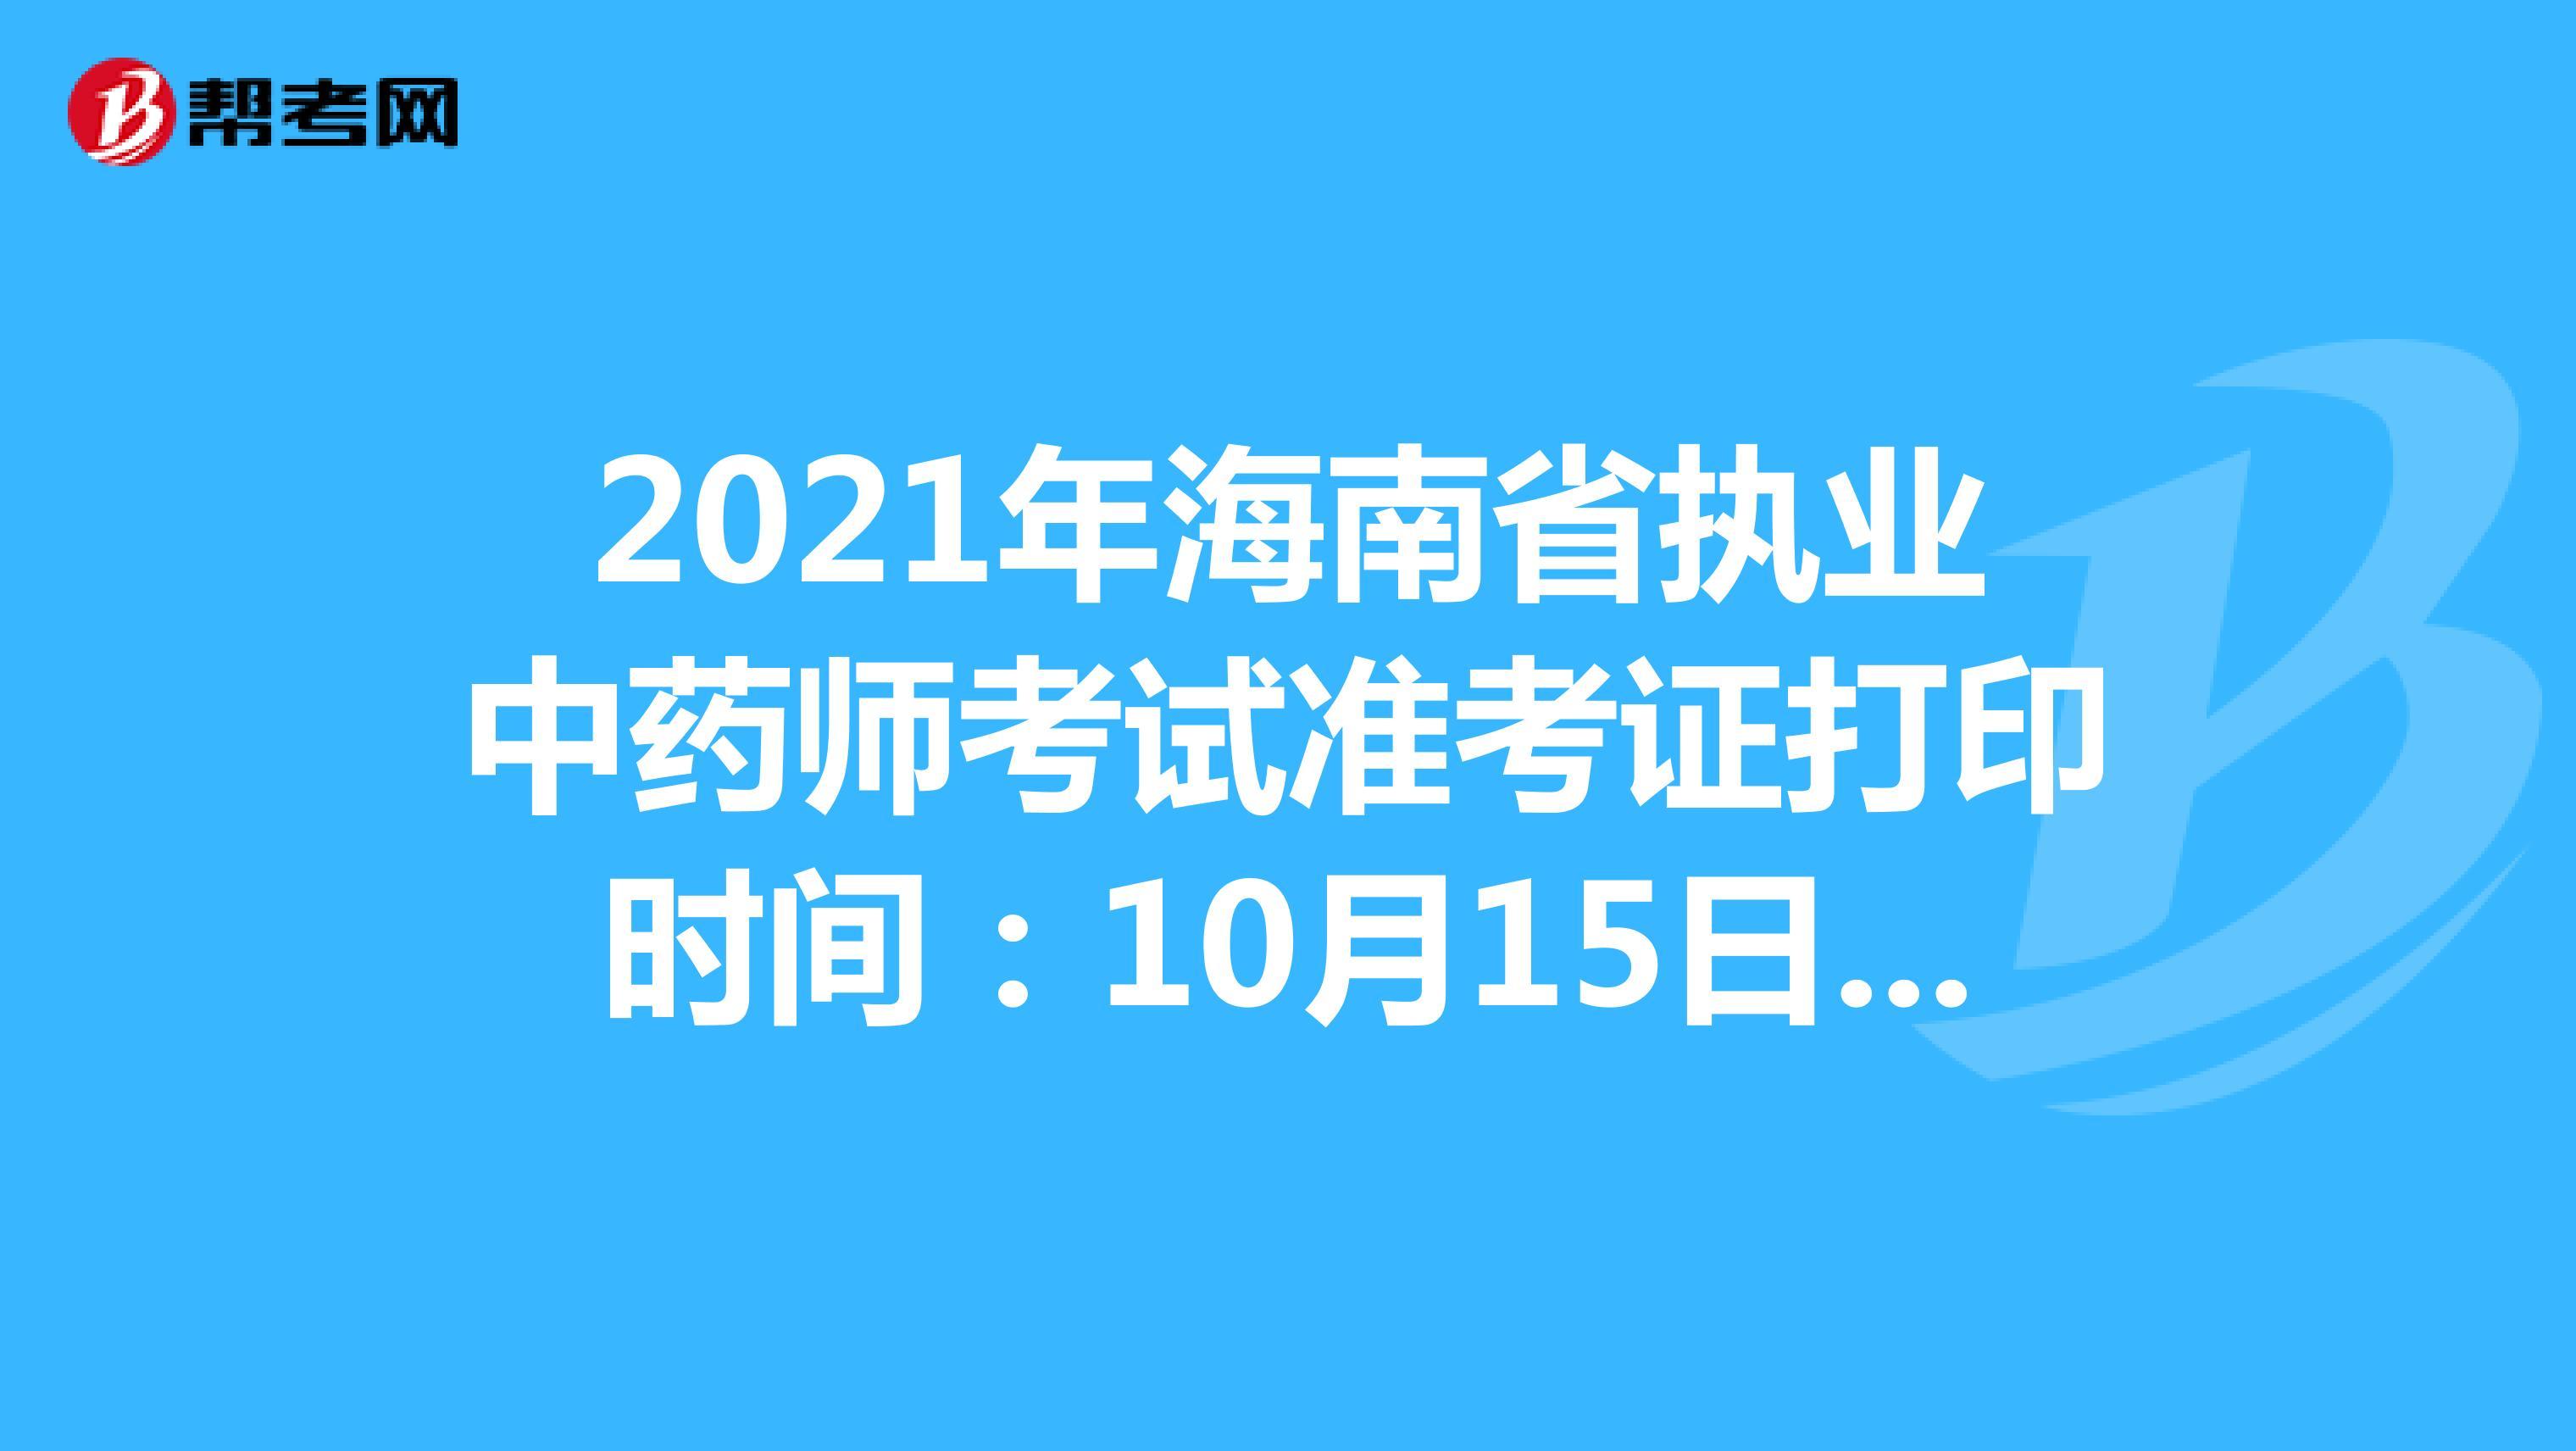 2021年海南省执业中药师考试准考证打印时间:10月15日-10月22日